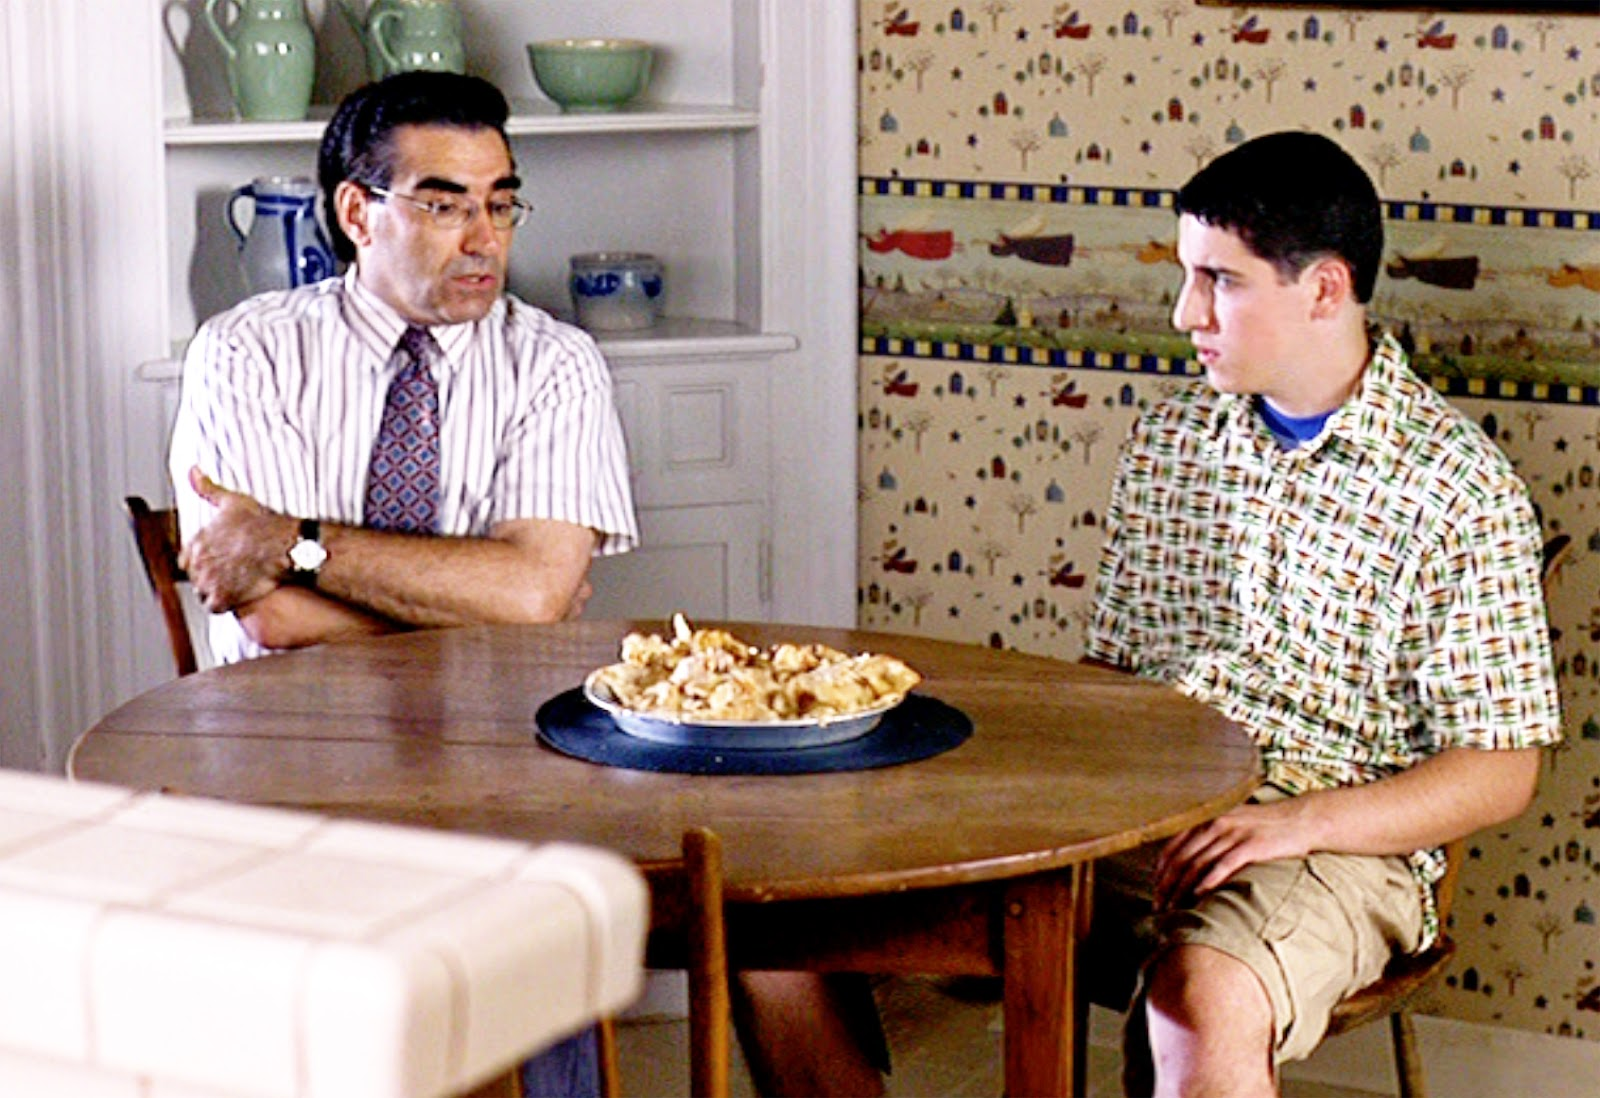 american pie 9 - photo #21